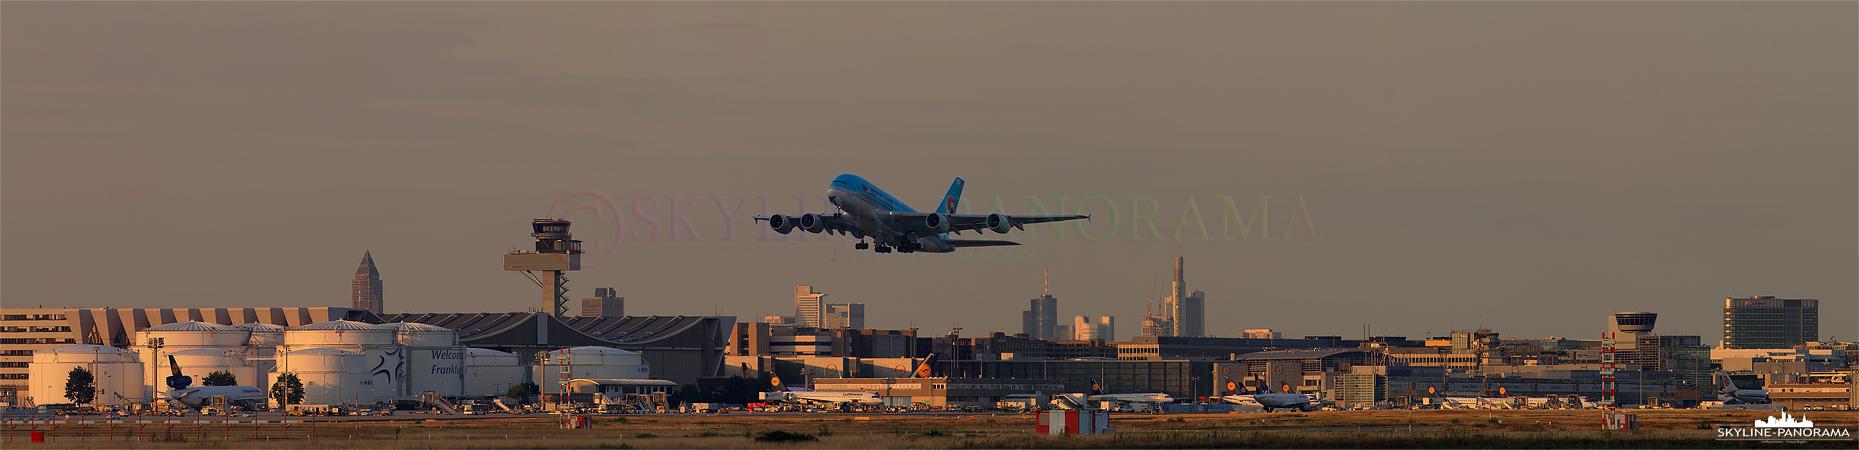 Airport Bilder - Start eines Airbus A380 der Fluggesellschaft Korean Air vom Frankfurter Flughafen in Richtung Seoul - Südkorea vor der Skyline von Frankfurt am Main zum Sonnenuntergang.